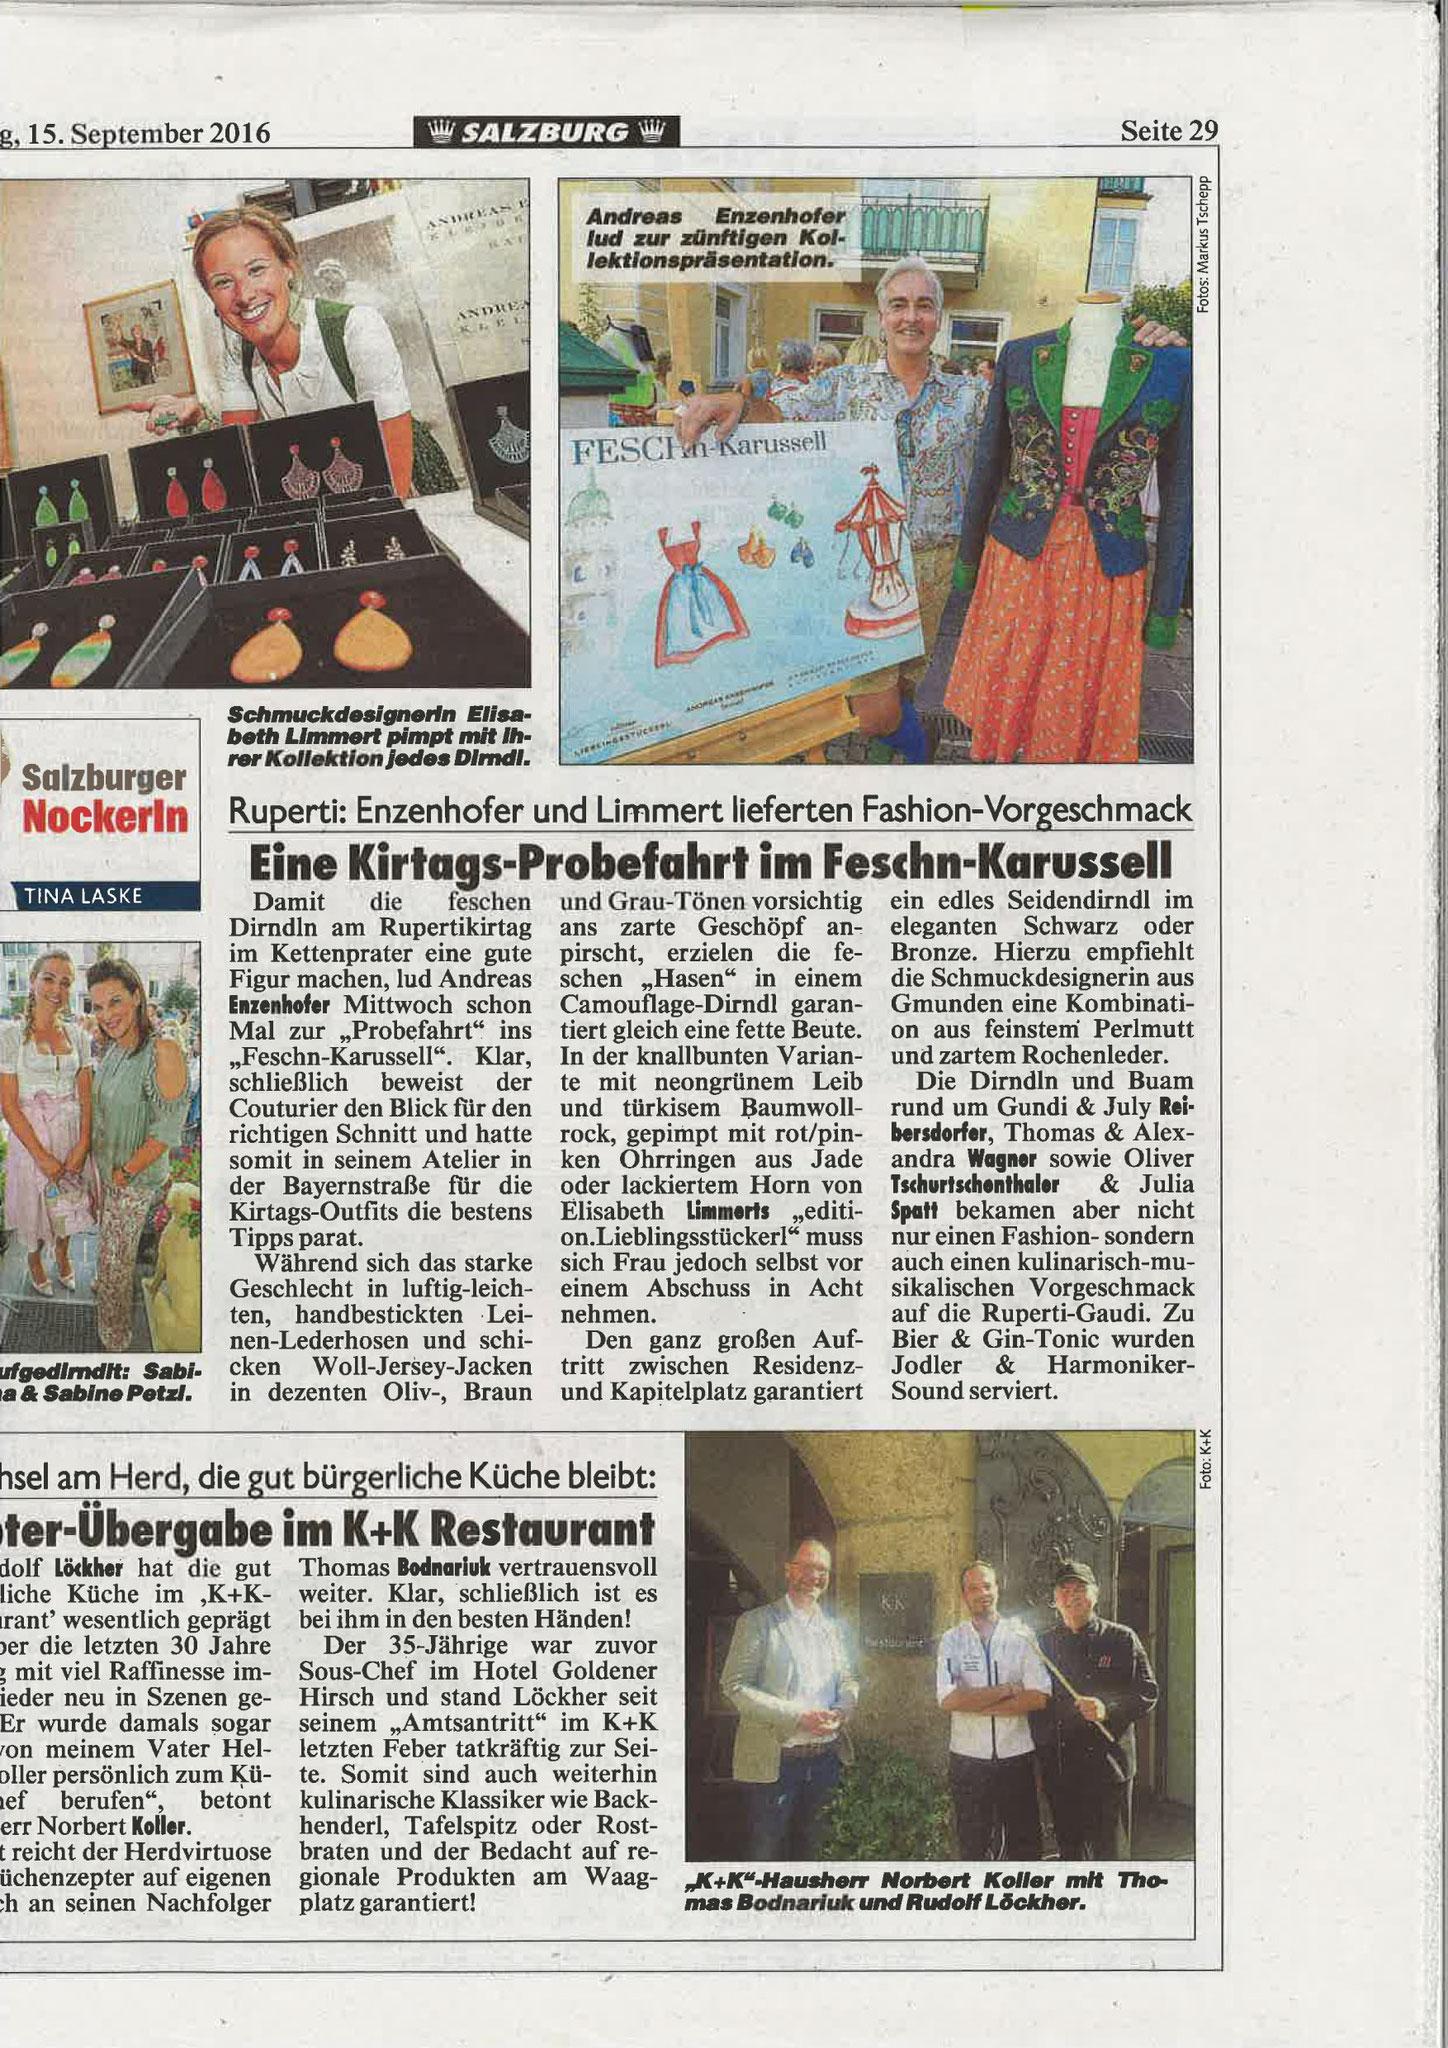 Kronen Zeitung Salzburg, 15. September 2016